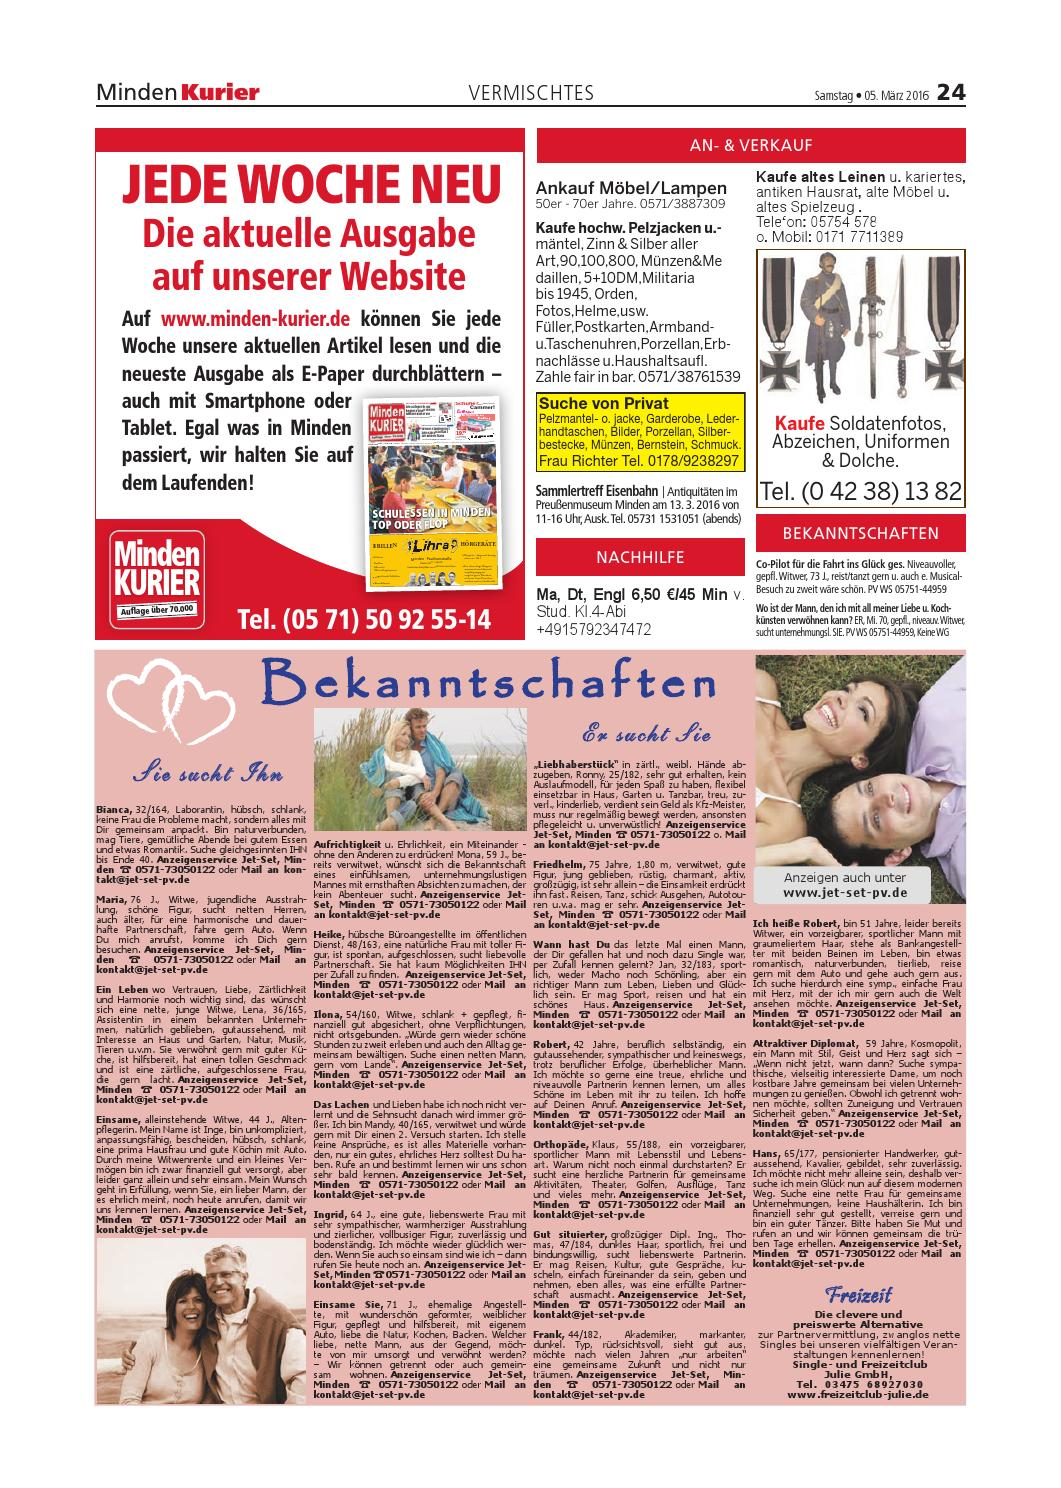 consider, that you Kontaktanzeigen Hohenlockstedt frauen und Männer comfort! reserve, neither more